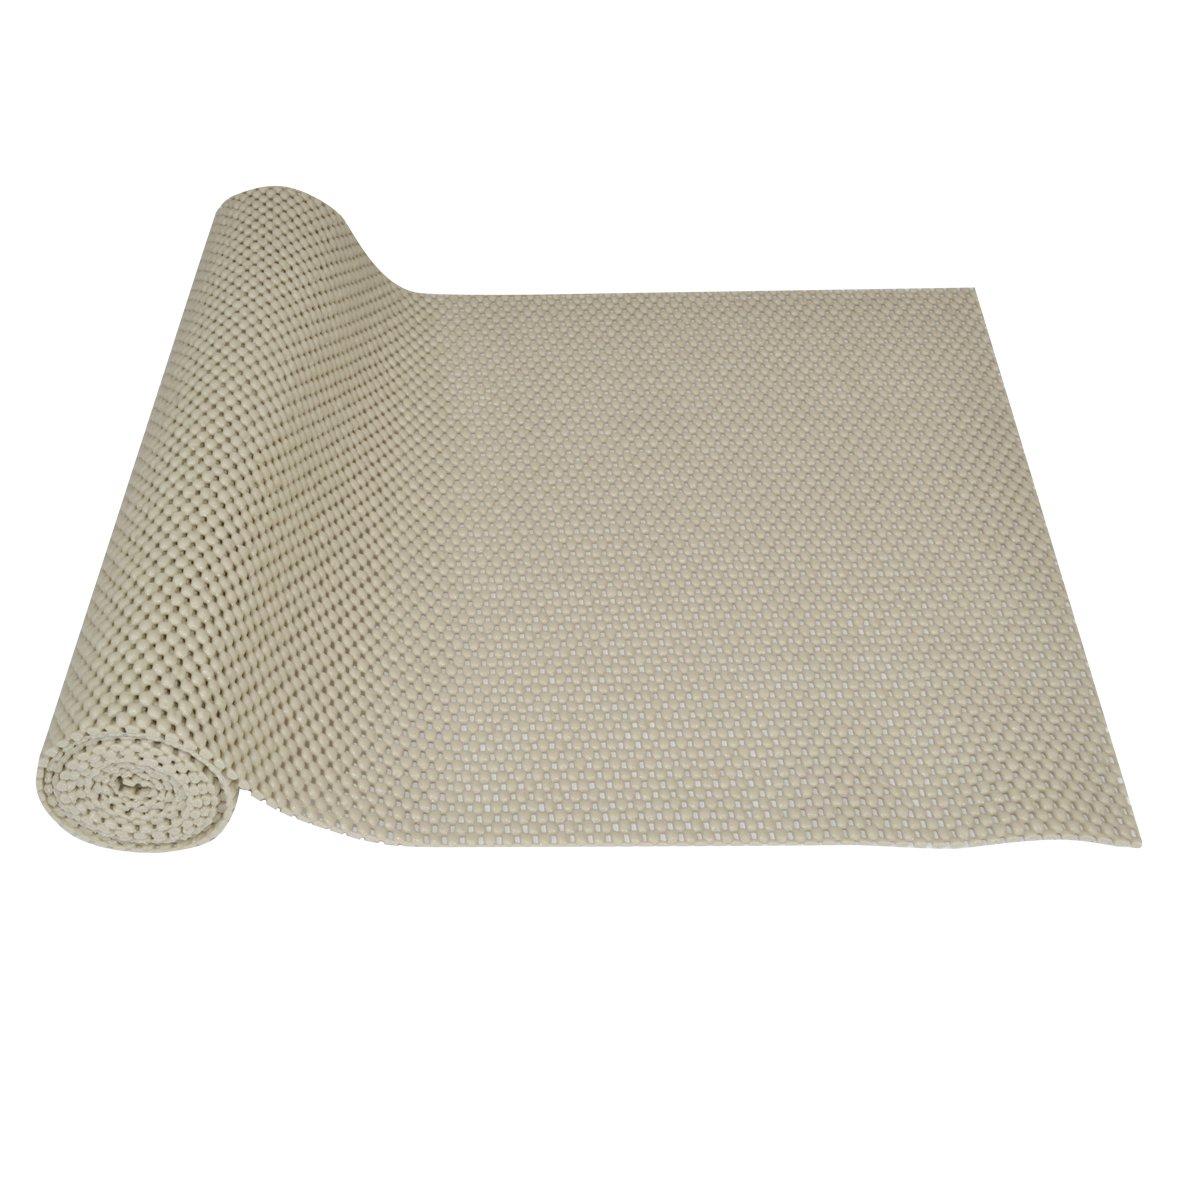 Pro-Mart DAZZ Shelf Liner, Thick Grip, 12X60-Inch, Black 8611128